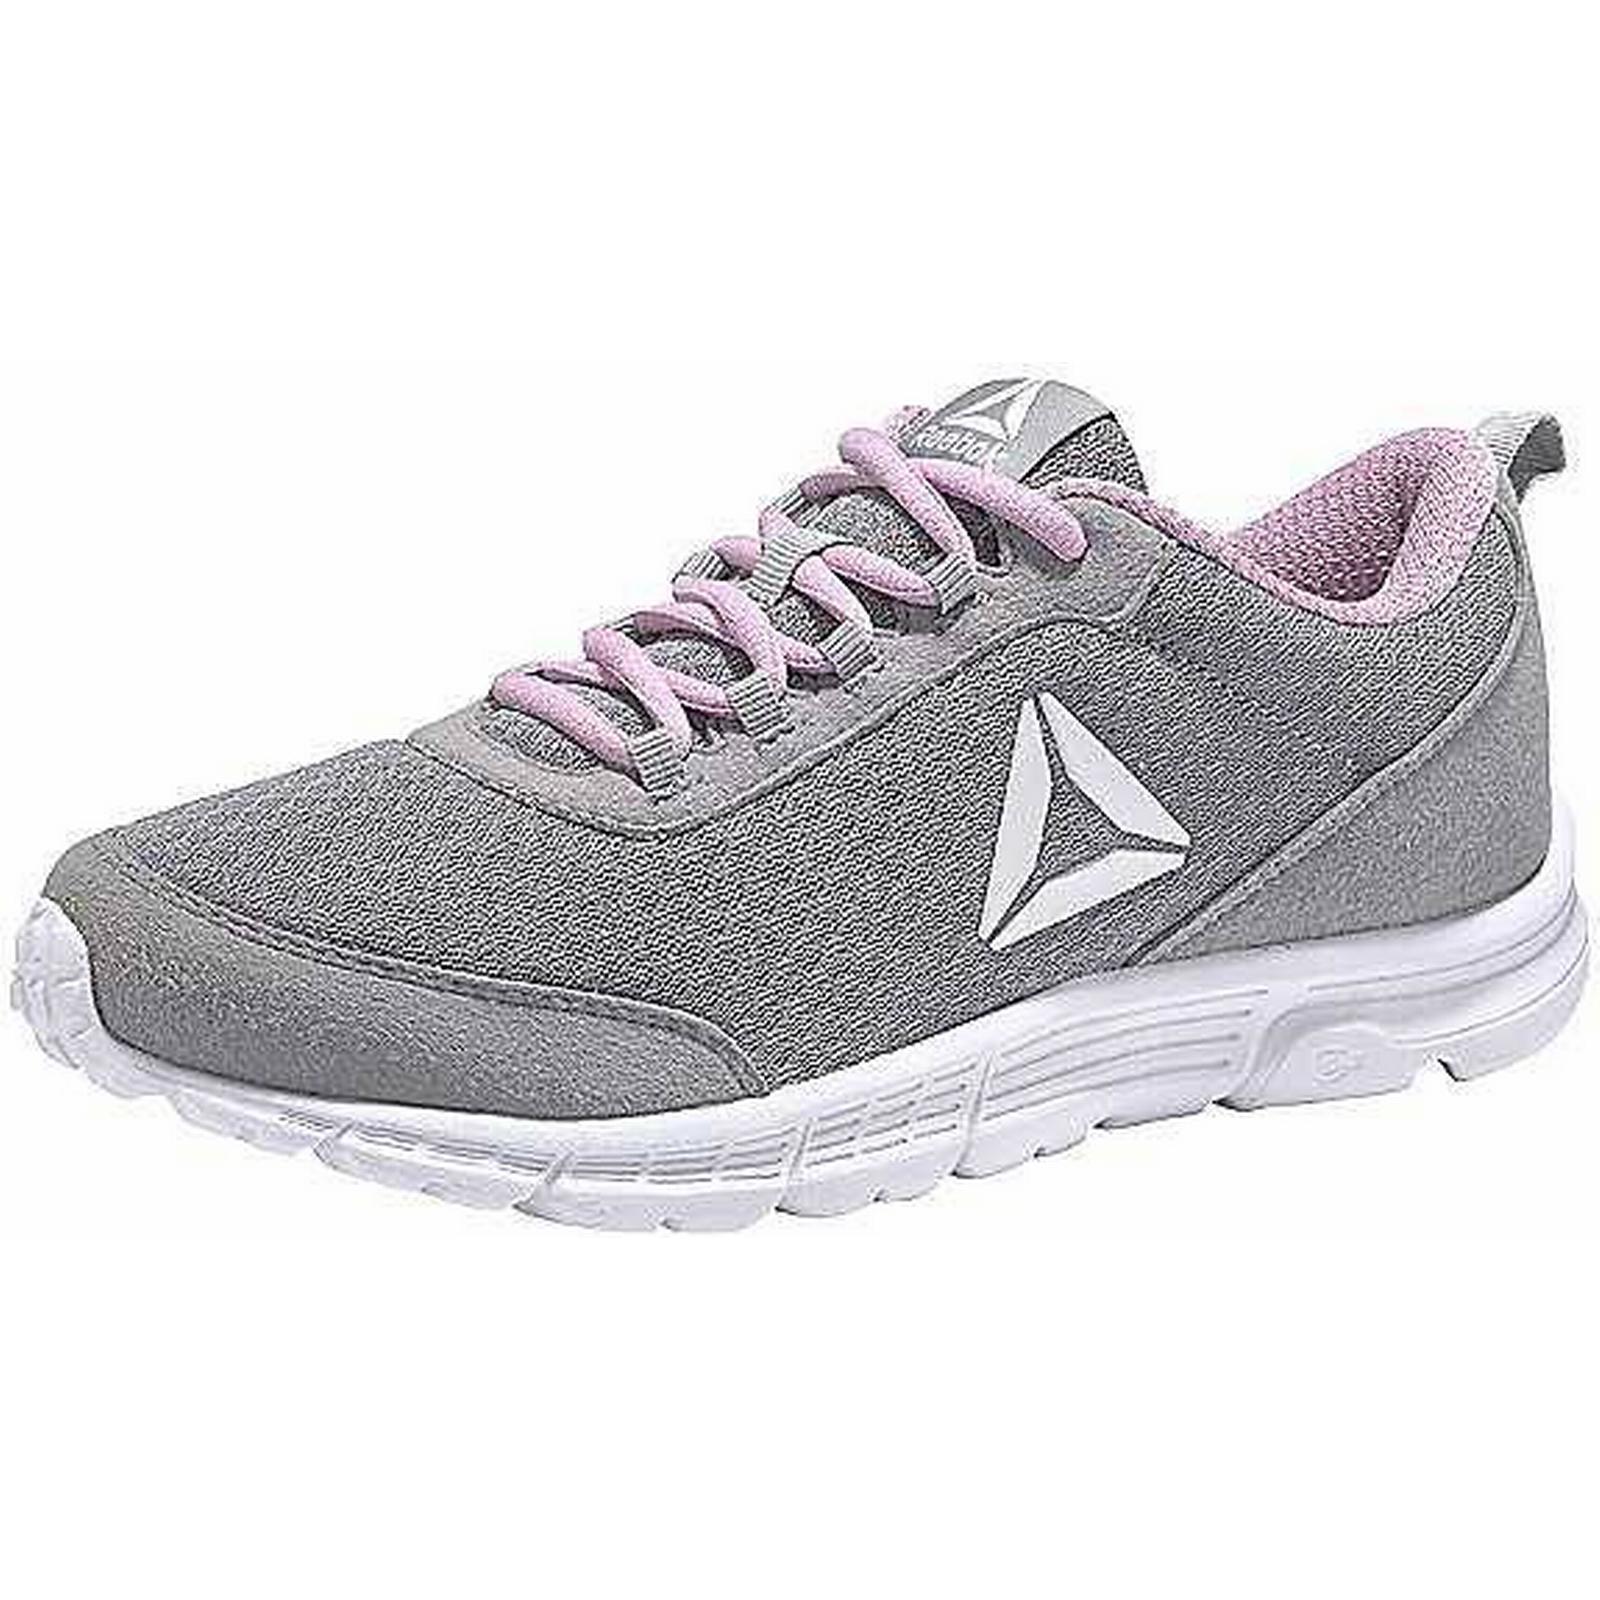 reebok & ; # ; & speedlux . & # ; des chaussures de course par reebok m. / mme - belle en couleur 2a5aa7